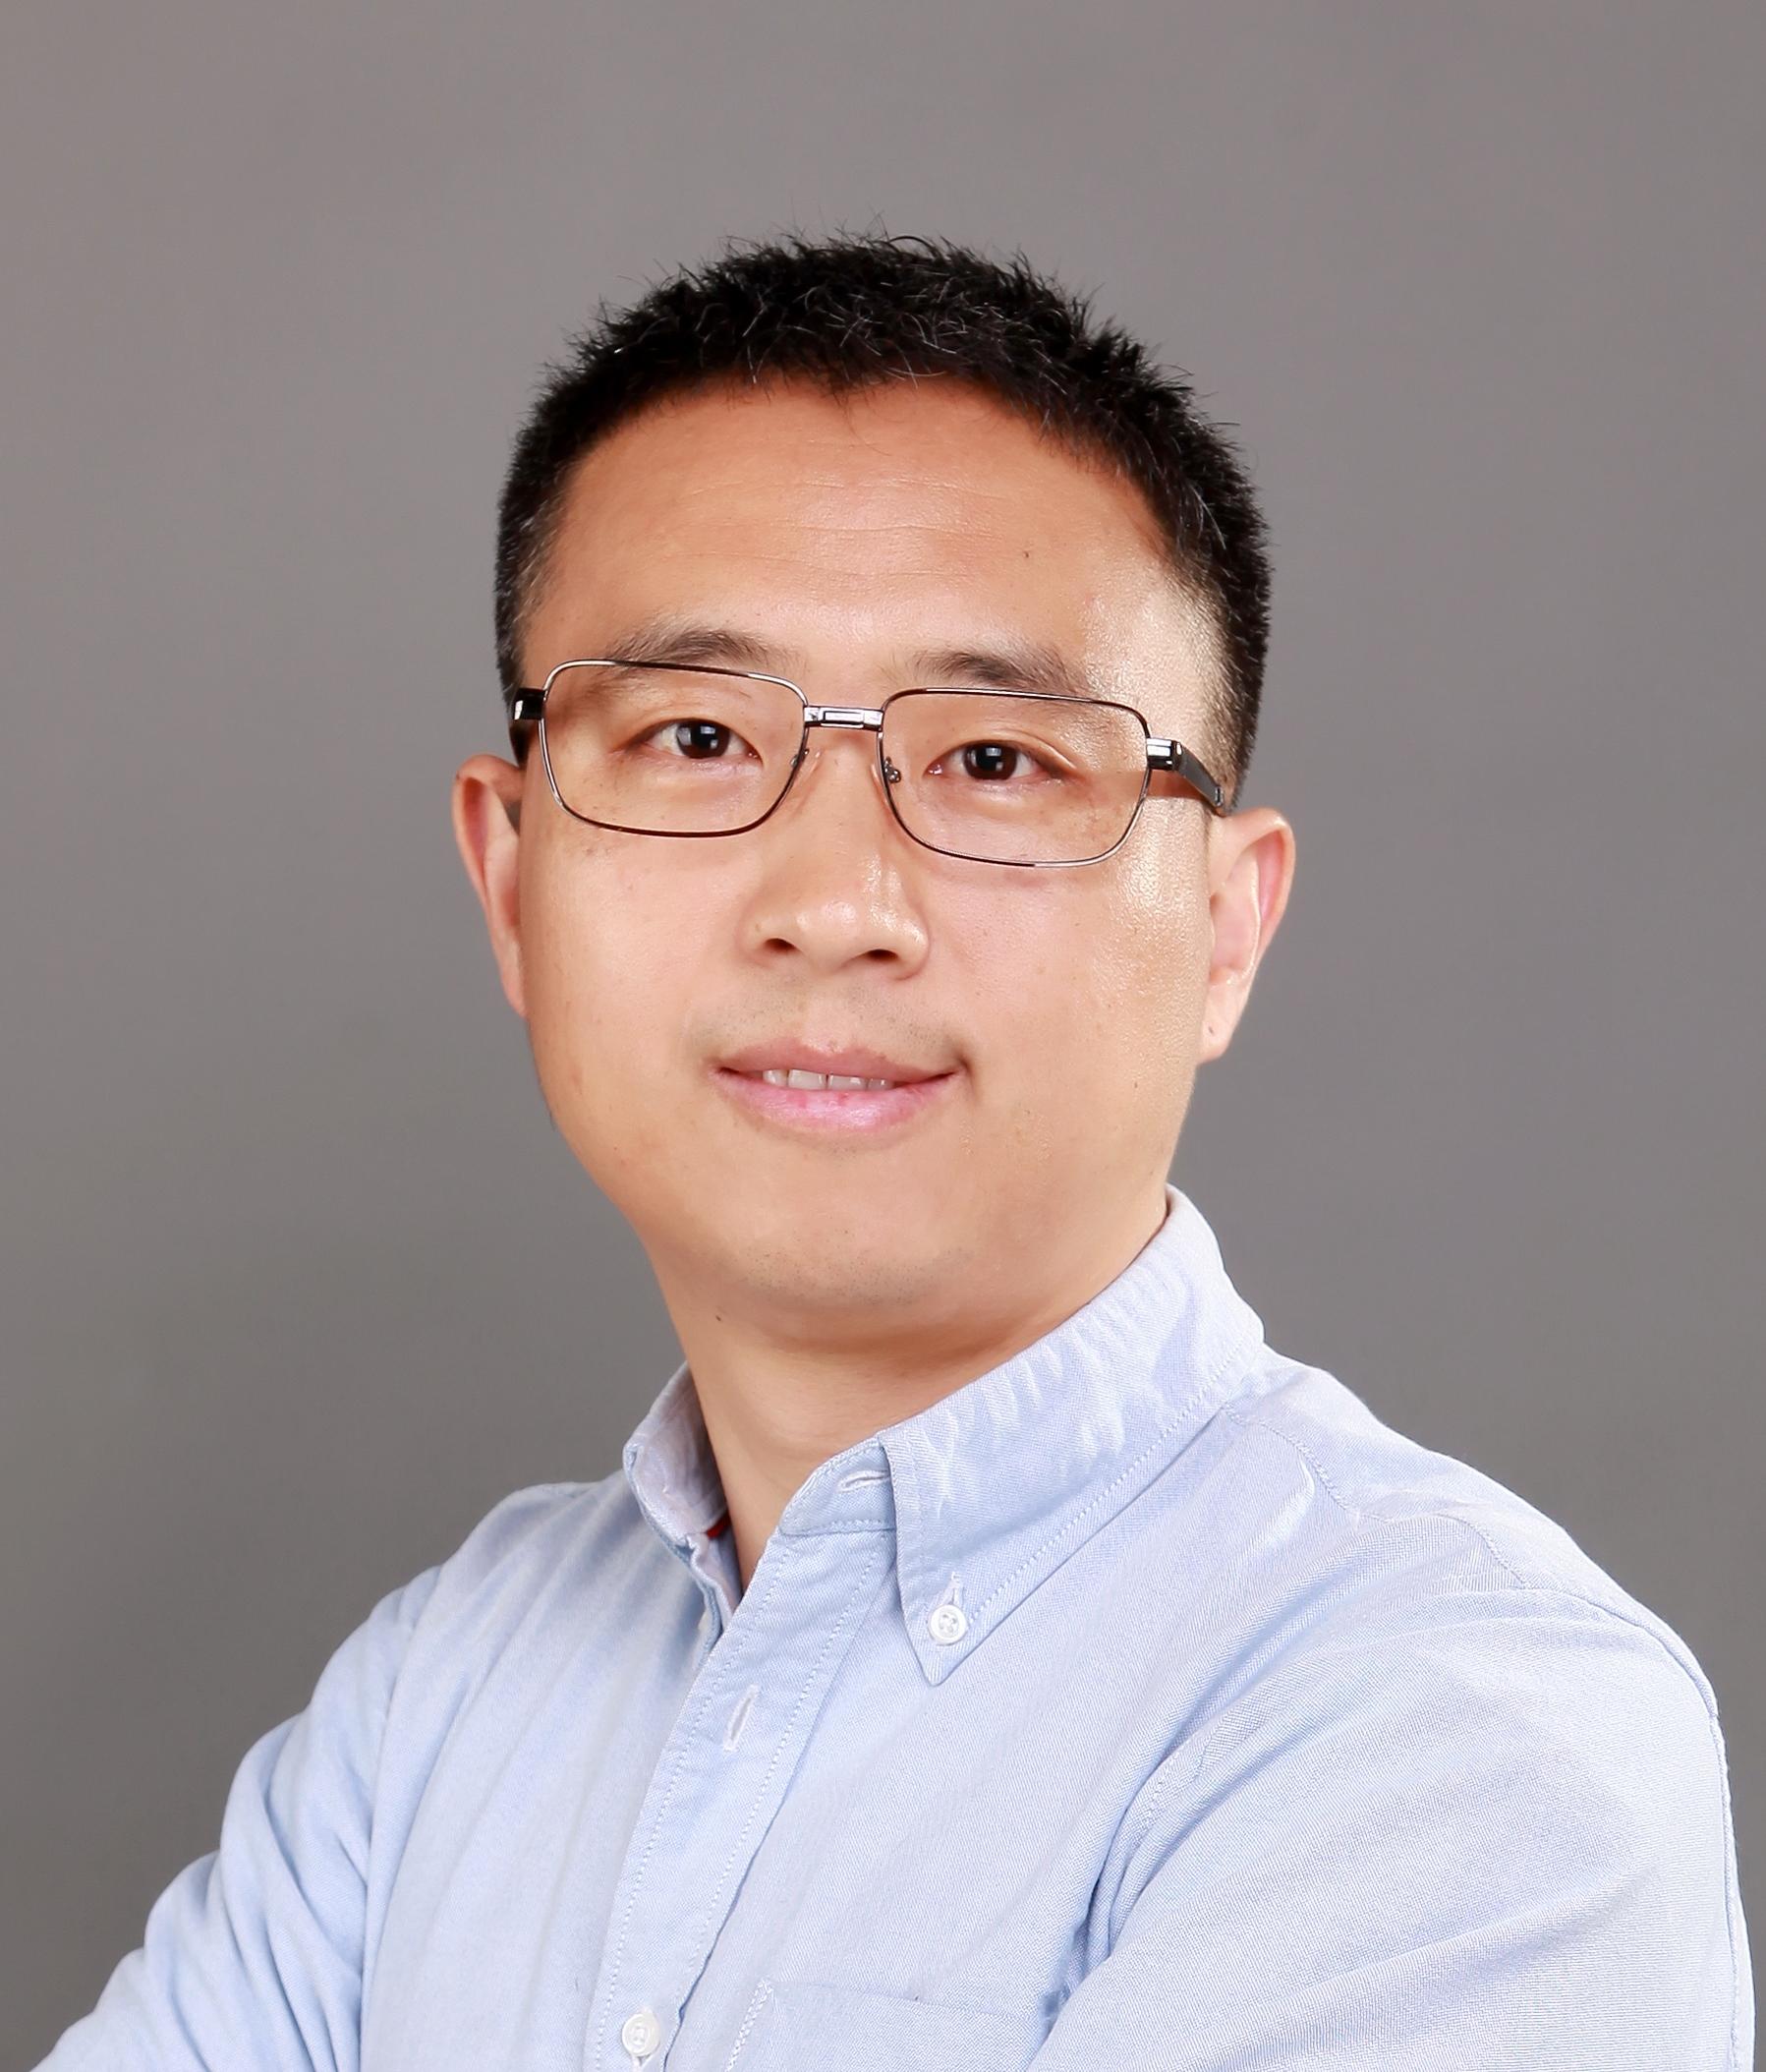 Dr Jiangtao Jason Xu